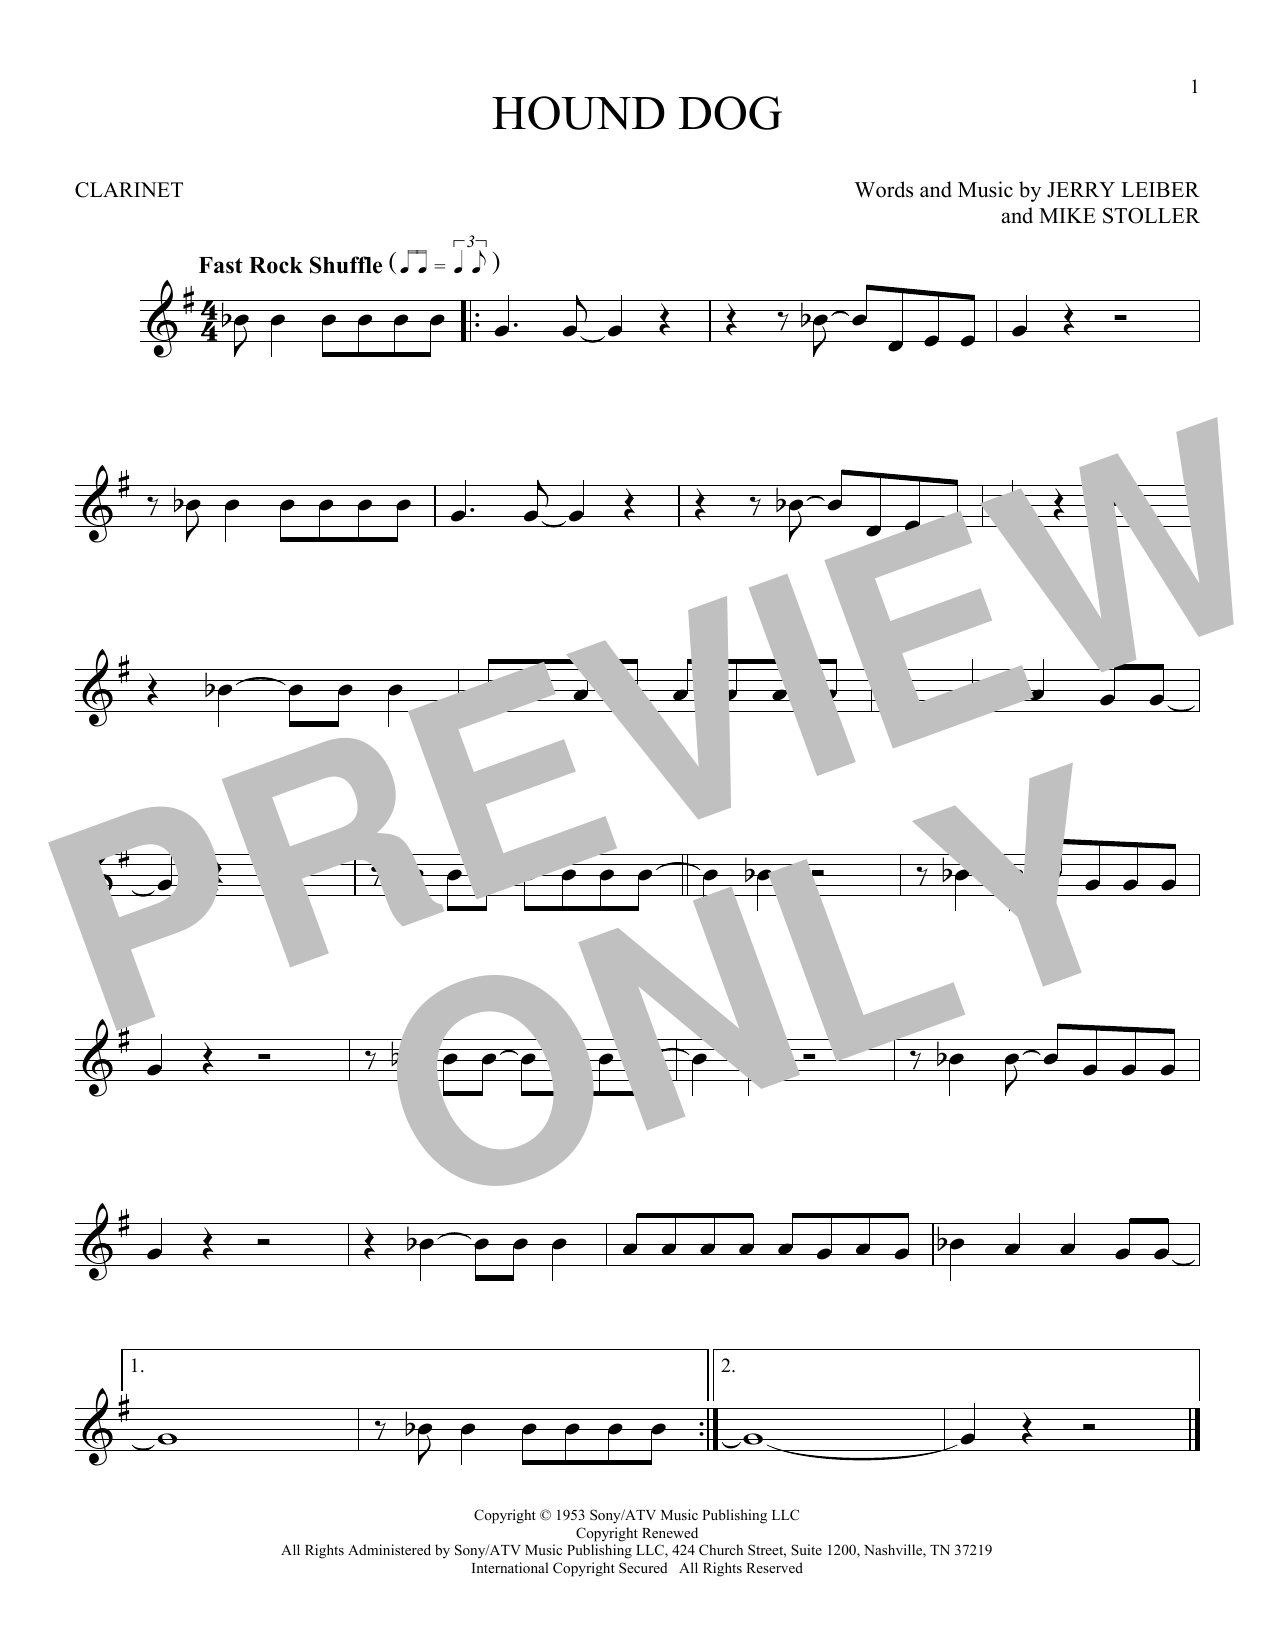 Hound Dog (Clarinet Solo)